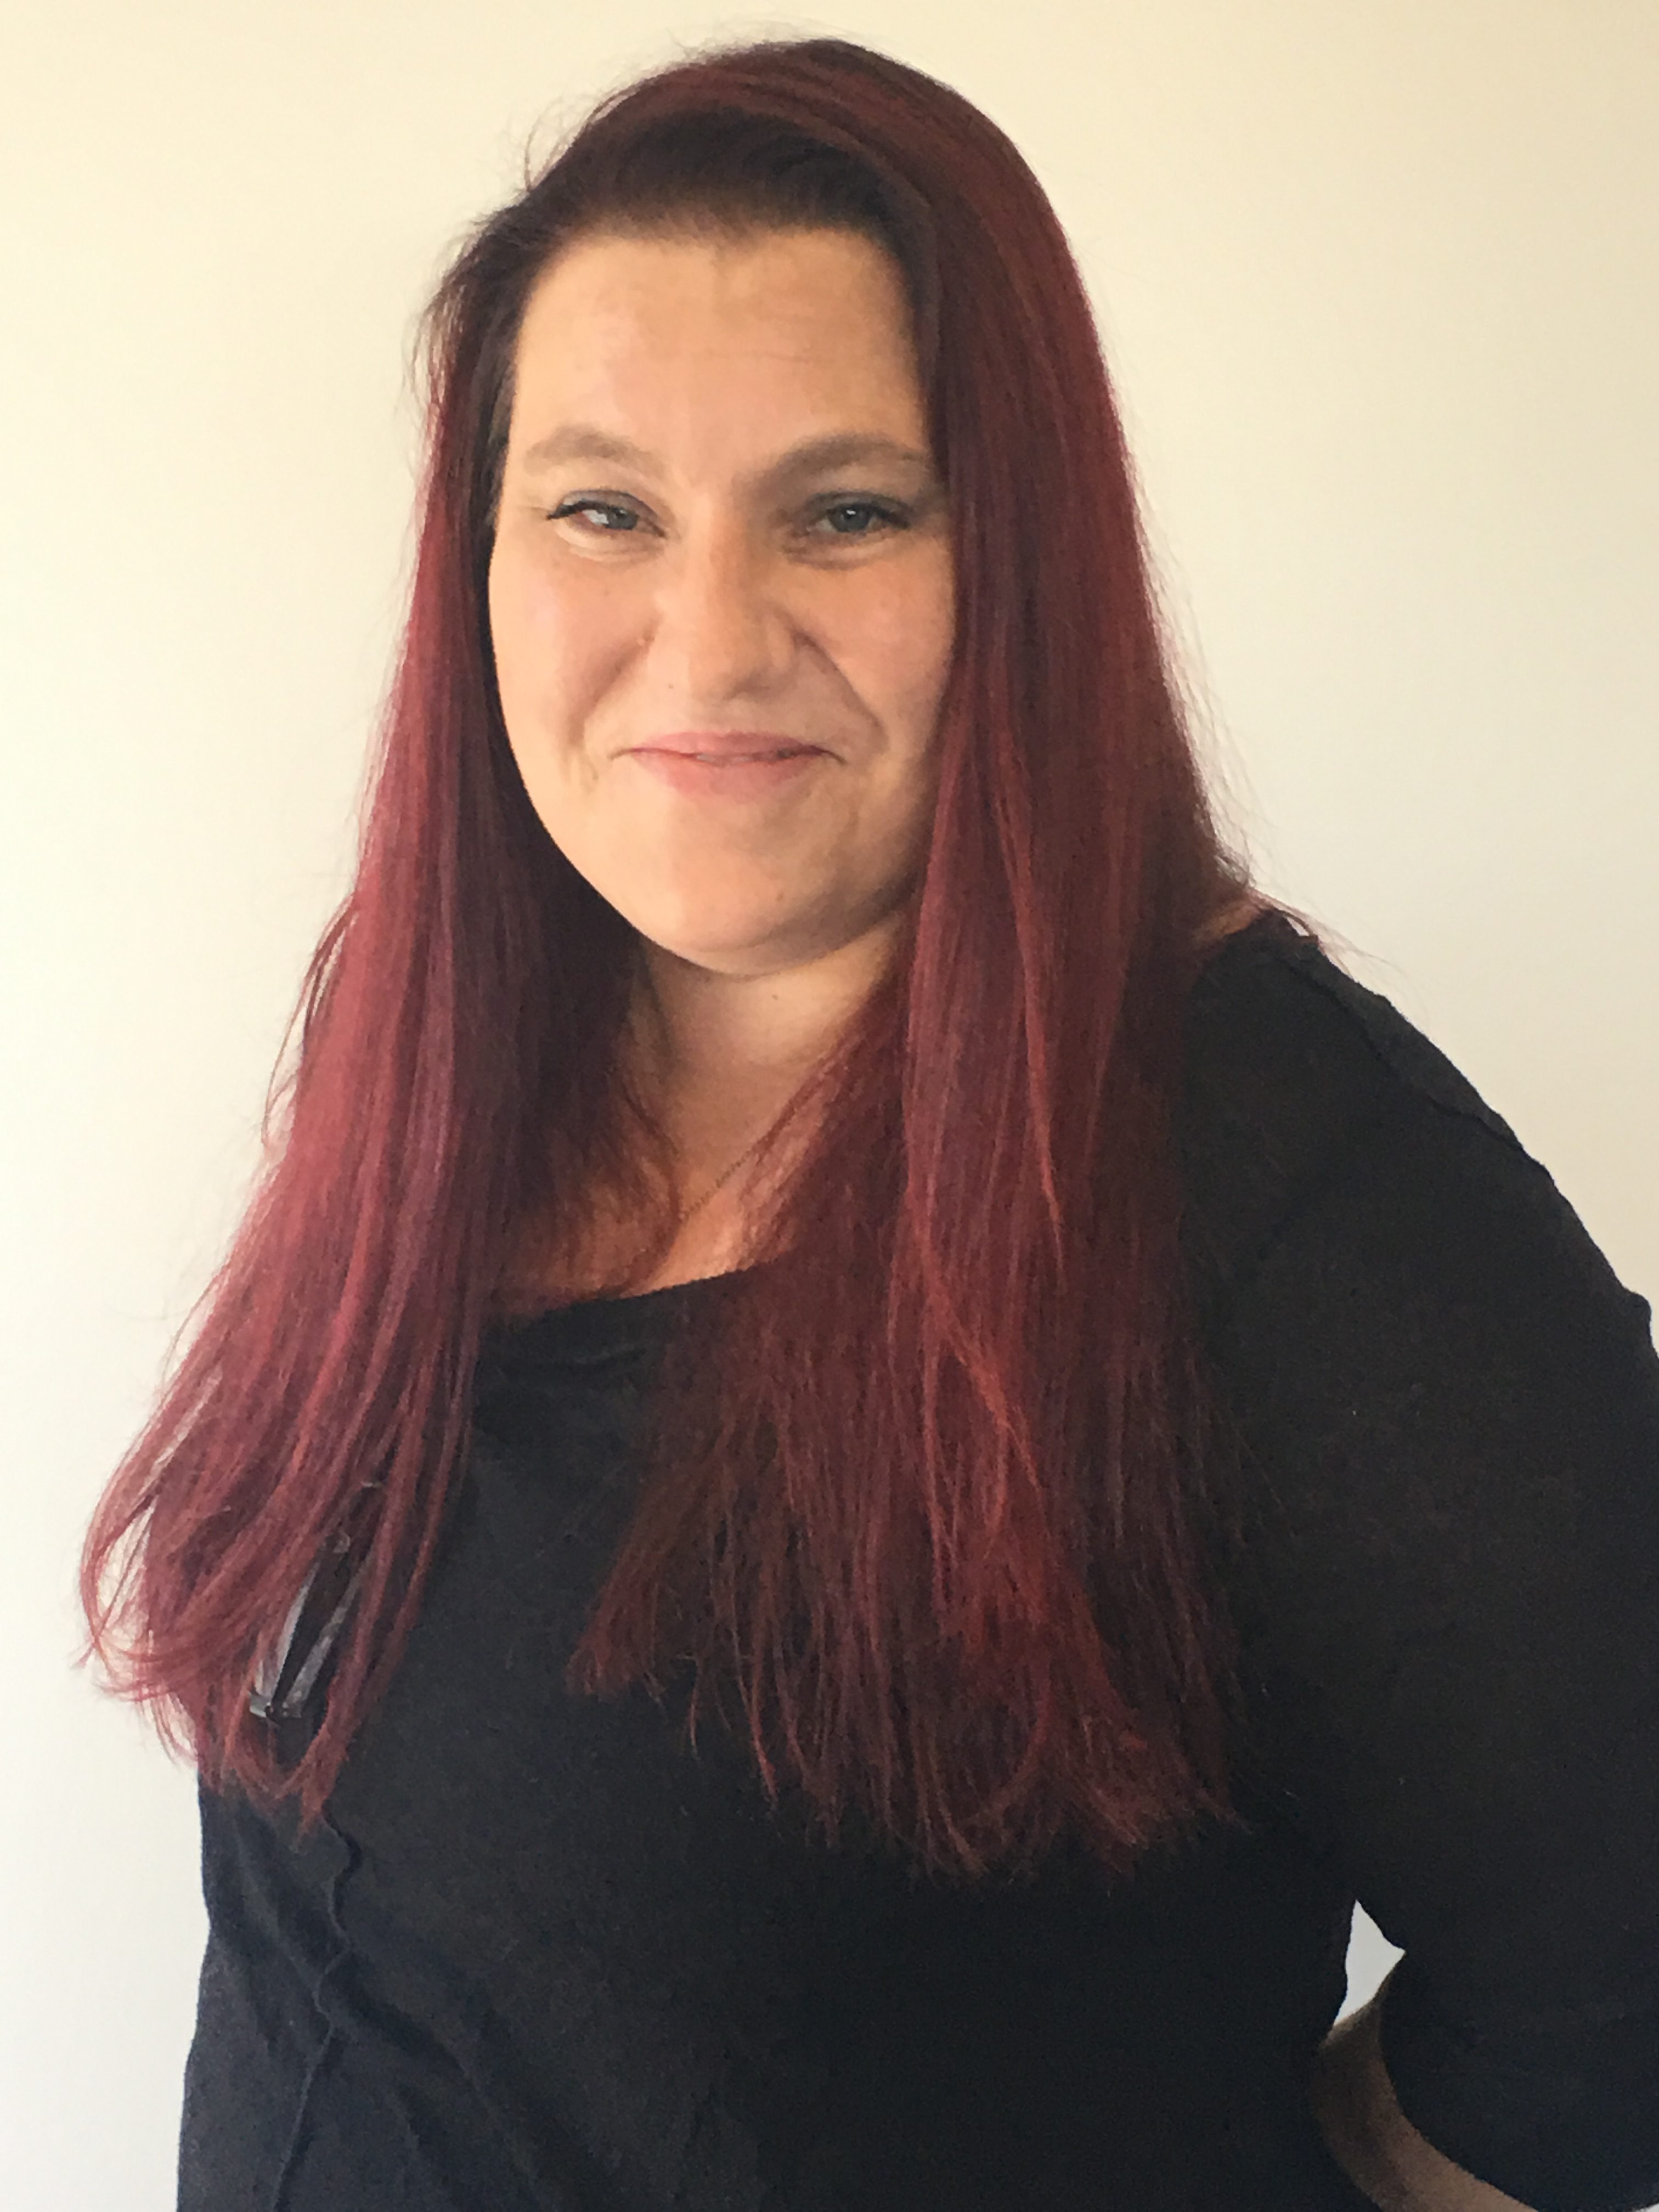 Melisa Mordue